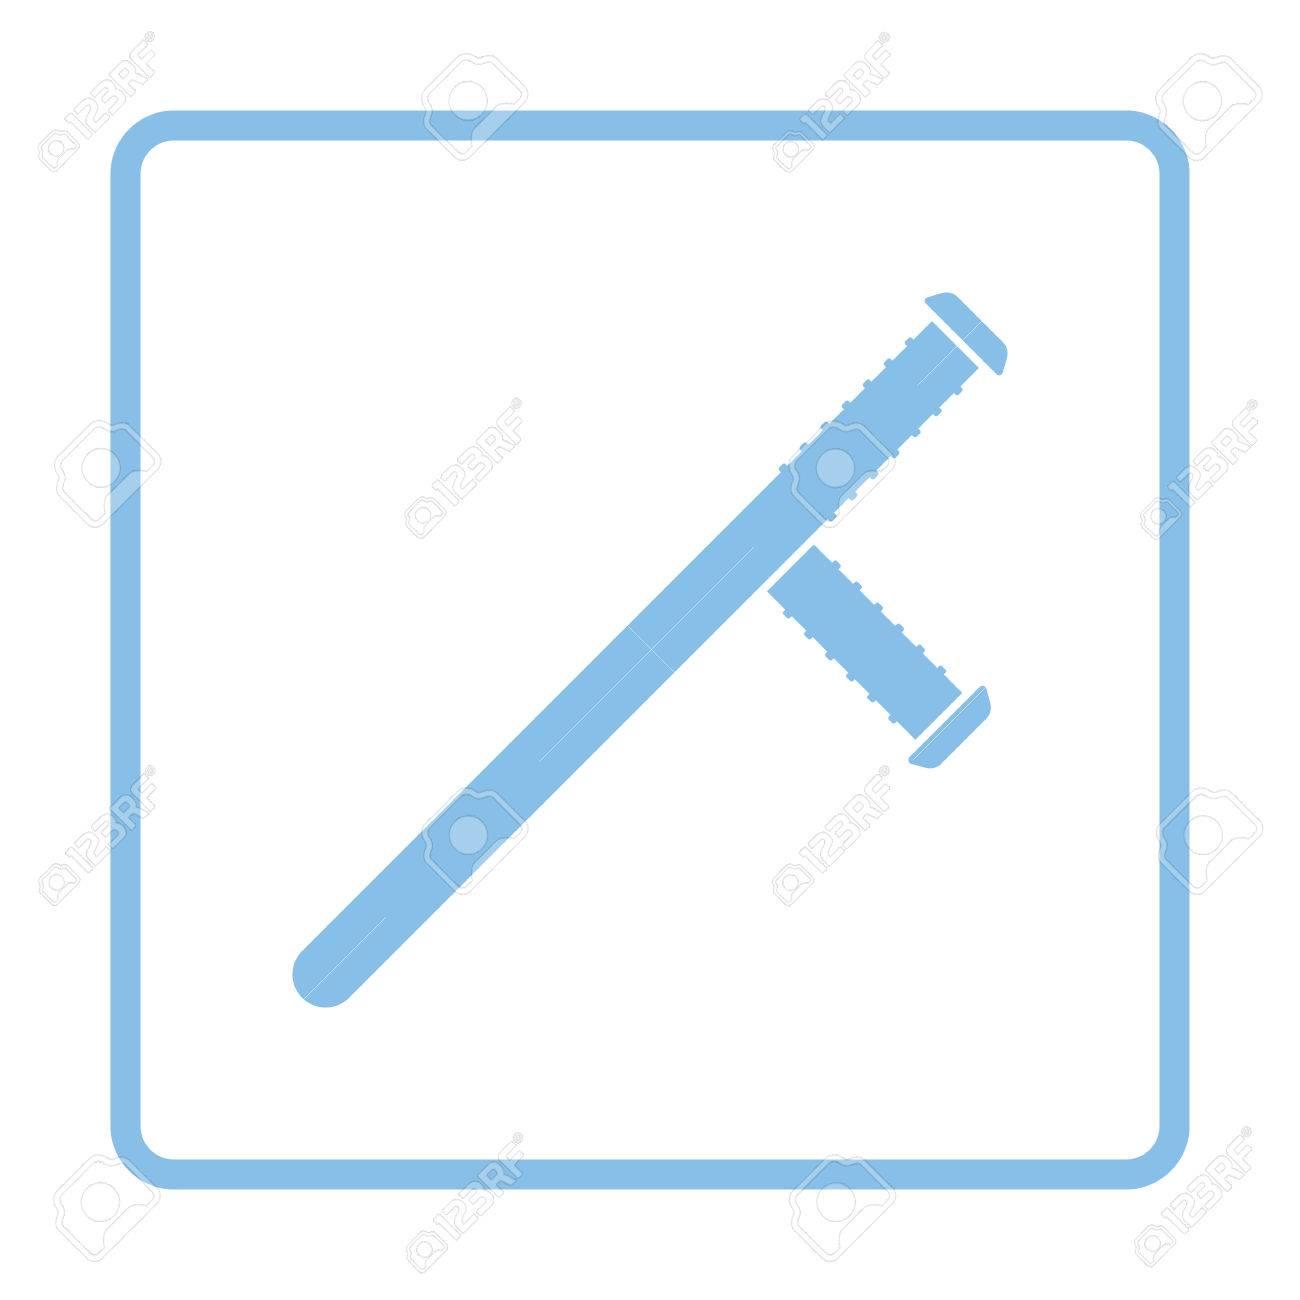 Icono De Porra De Policía. Diseño Del Marco Azul. Ilustración Del ...